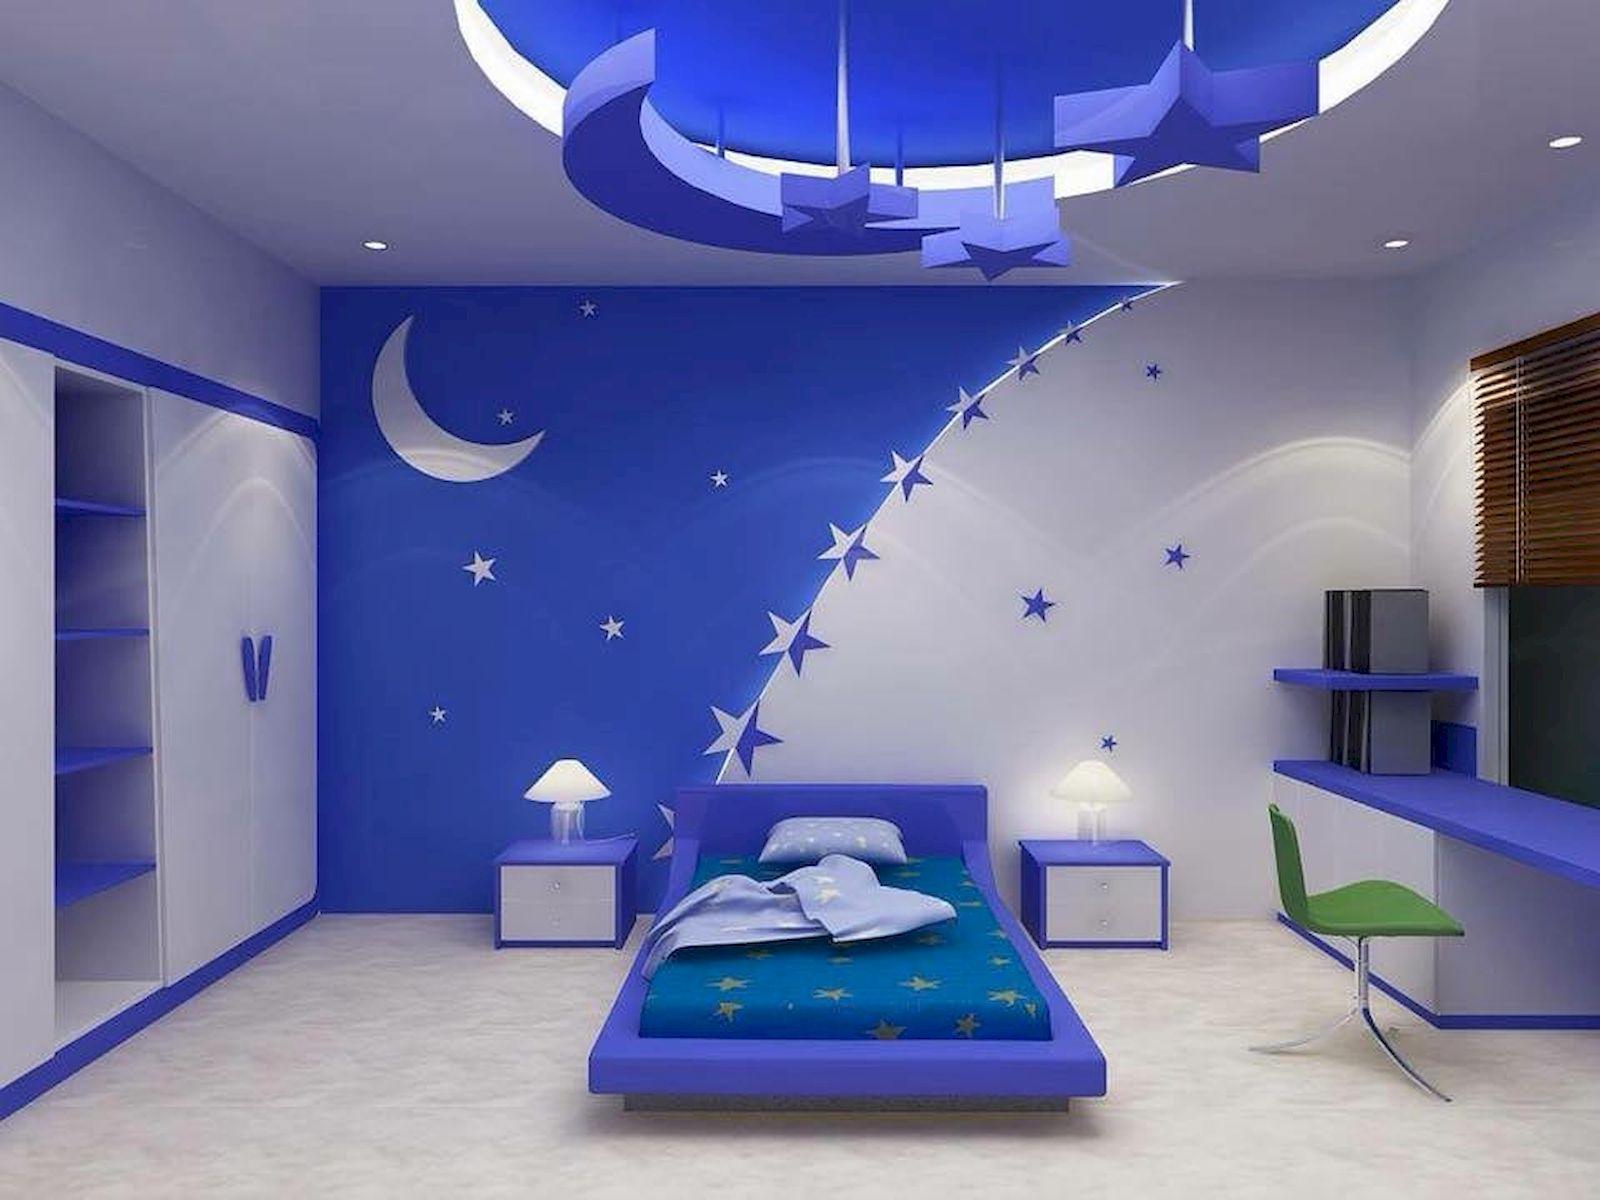 25 Lovely Children Bedroom Design Ideas That Beautiful ... on Beautiful Bedroom Ideas For Small Rooms  id=86569